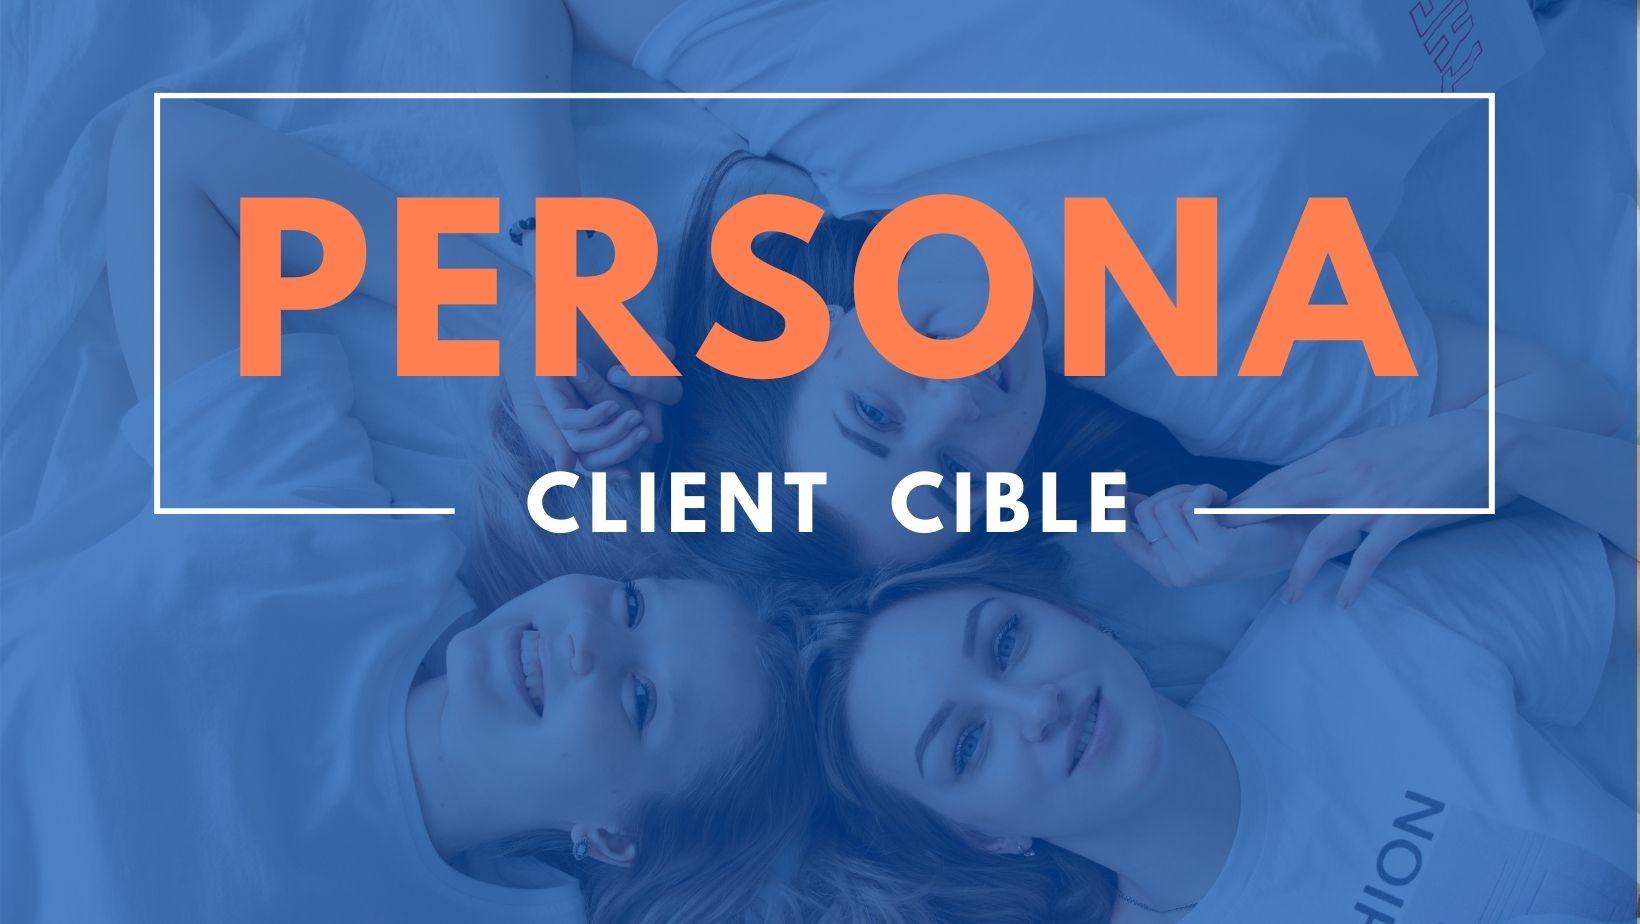 À quoi sert le Persona en marketing ce fameux client cible